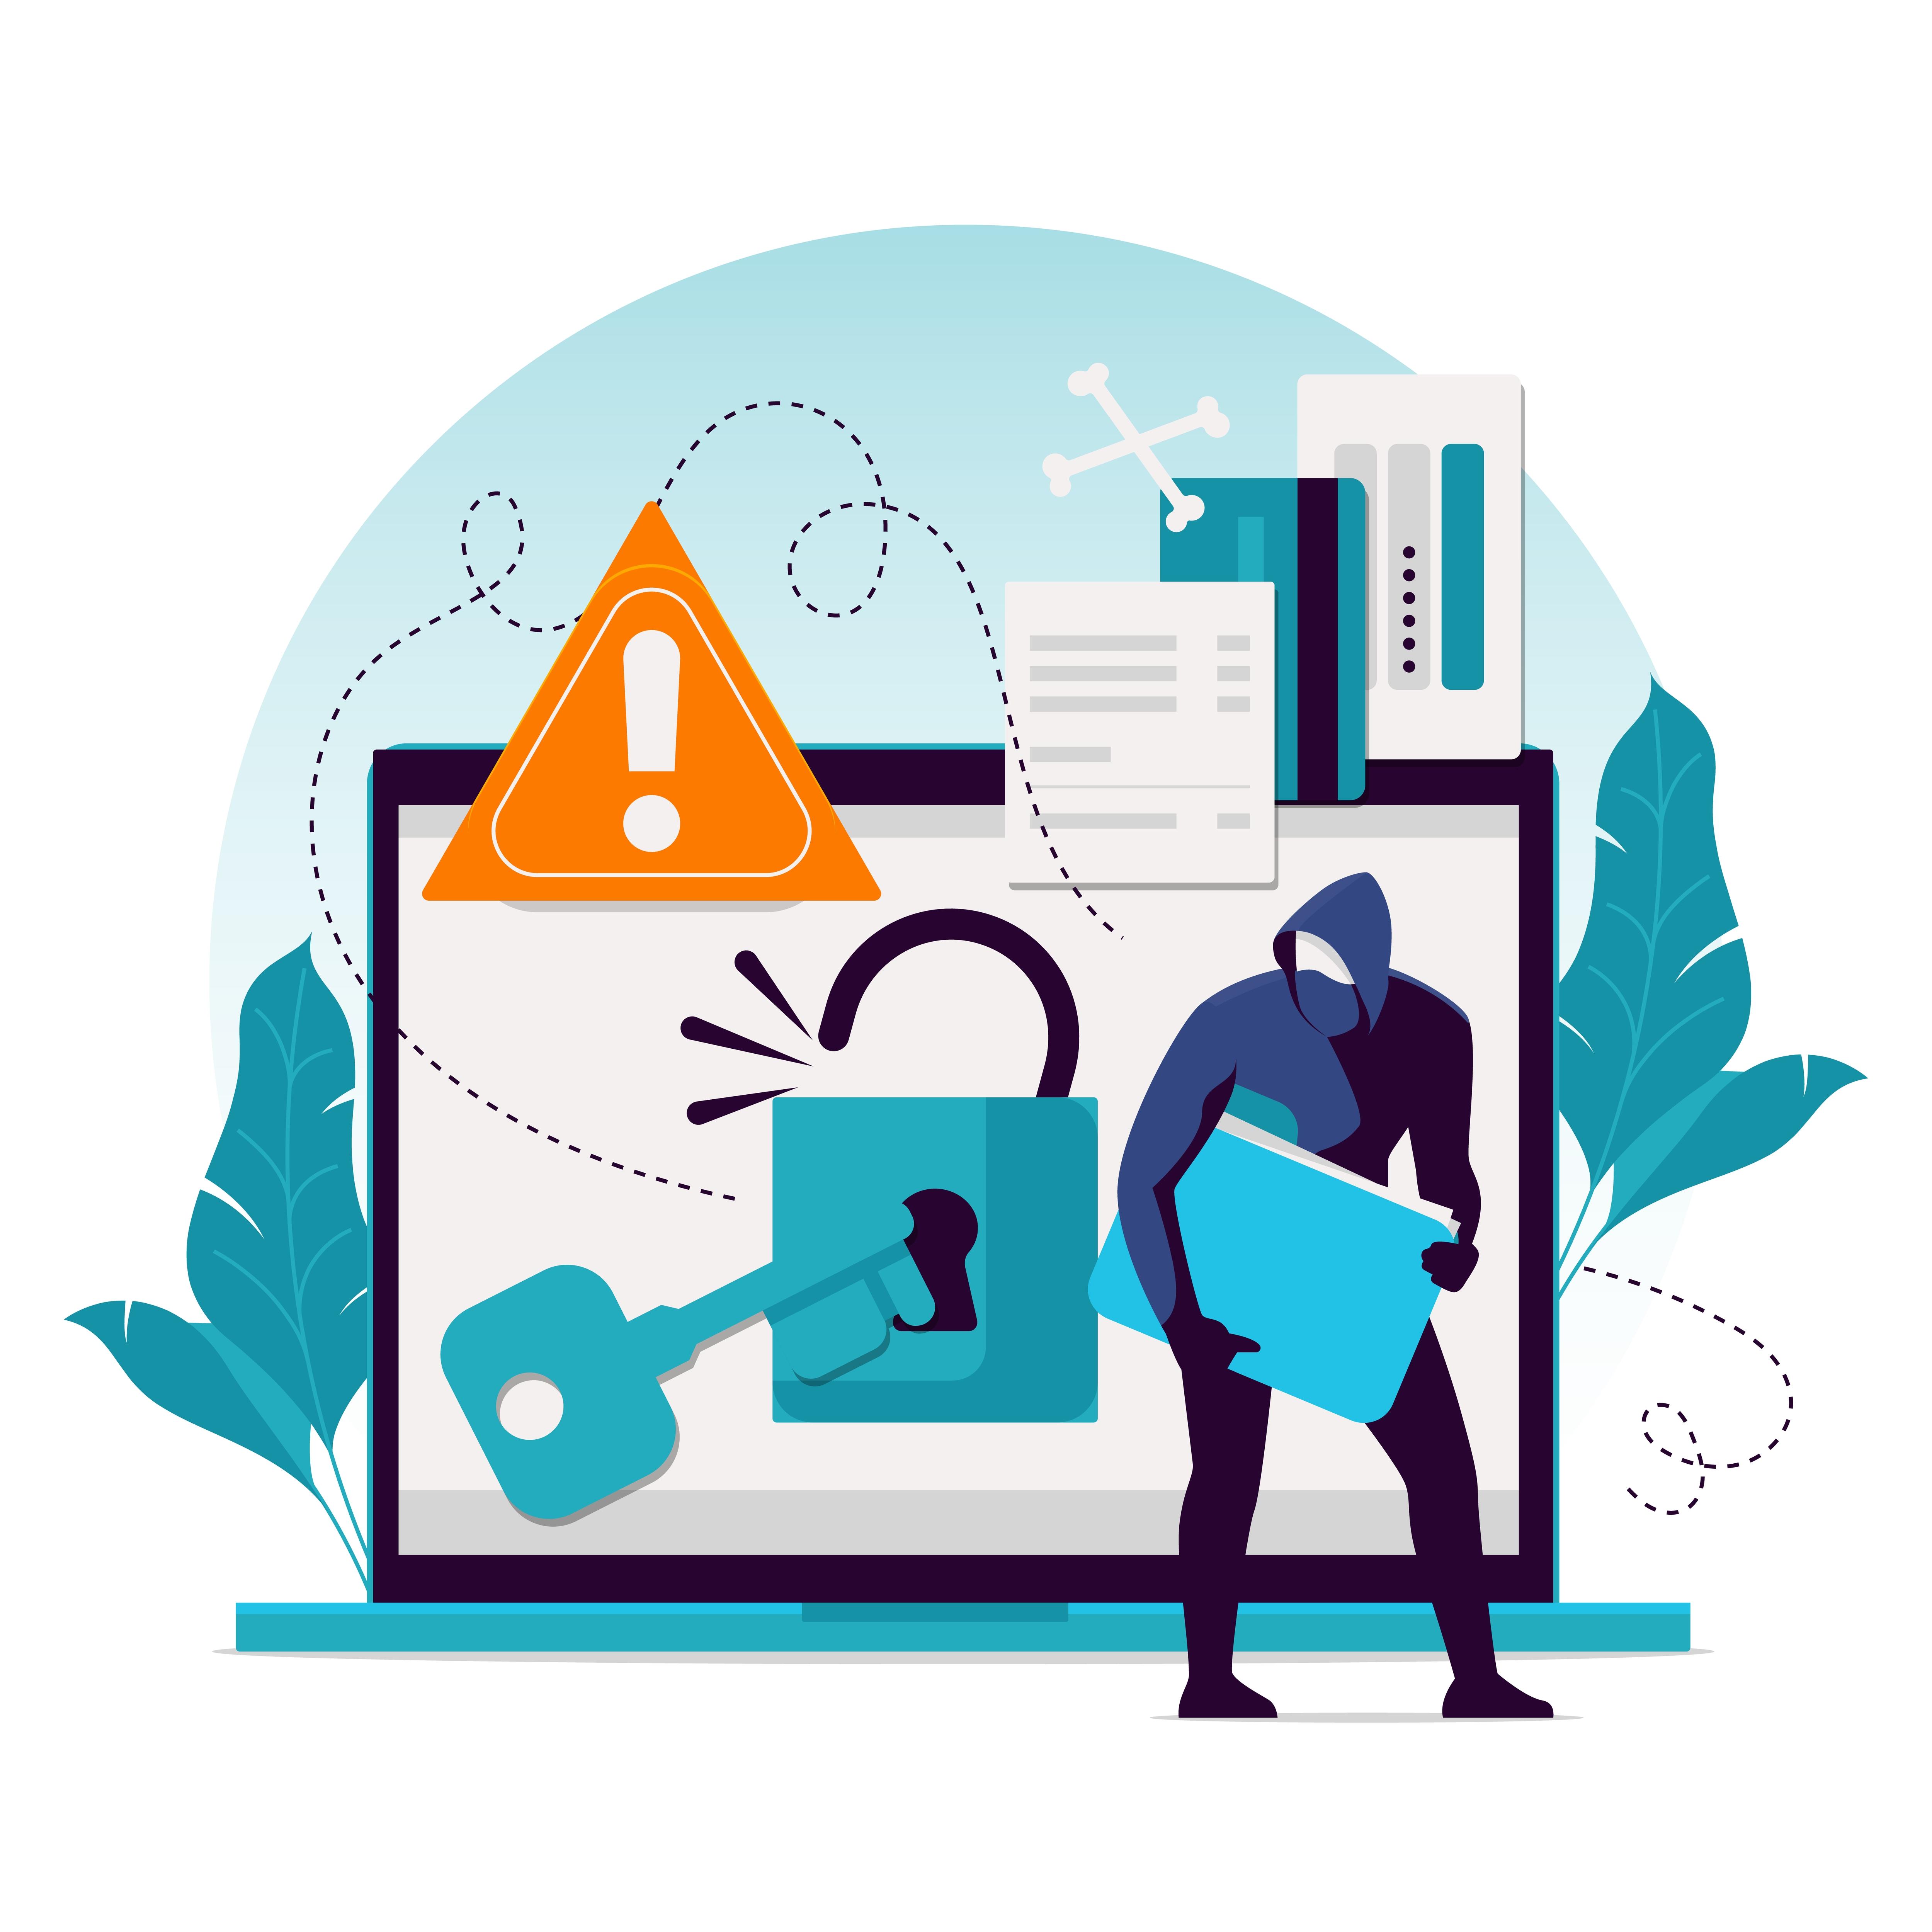 Tüm VPN'ler meşru değildir